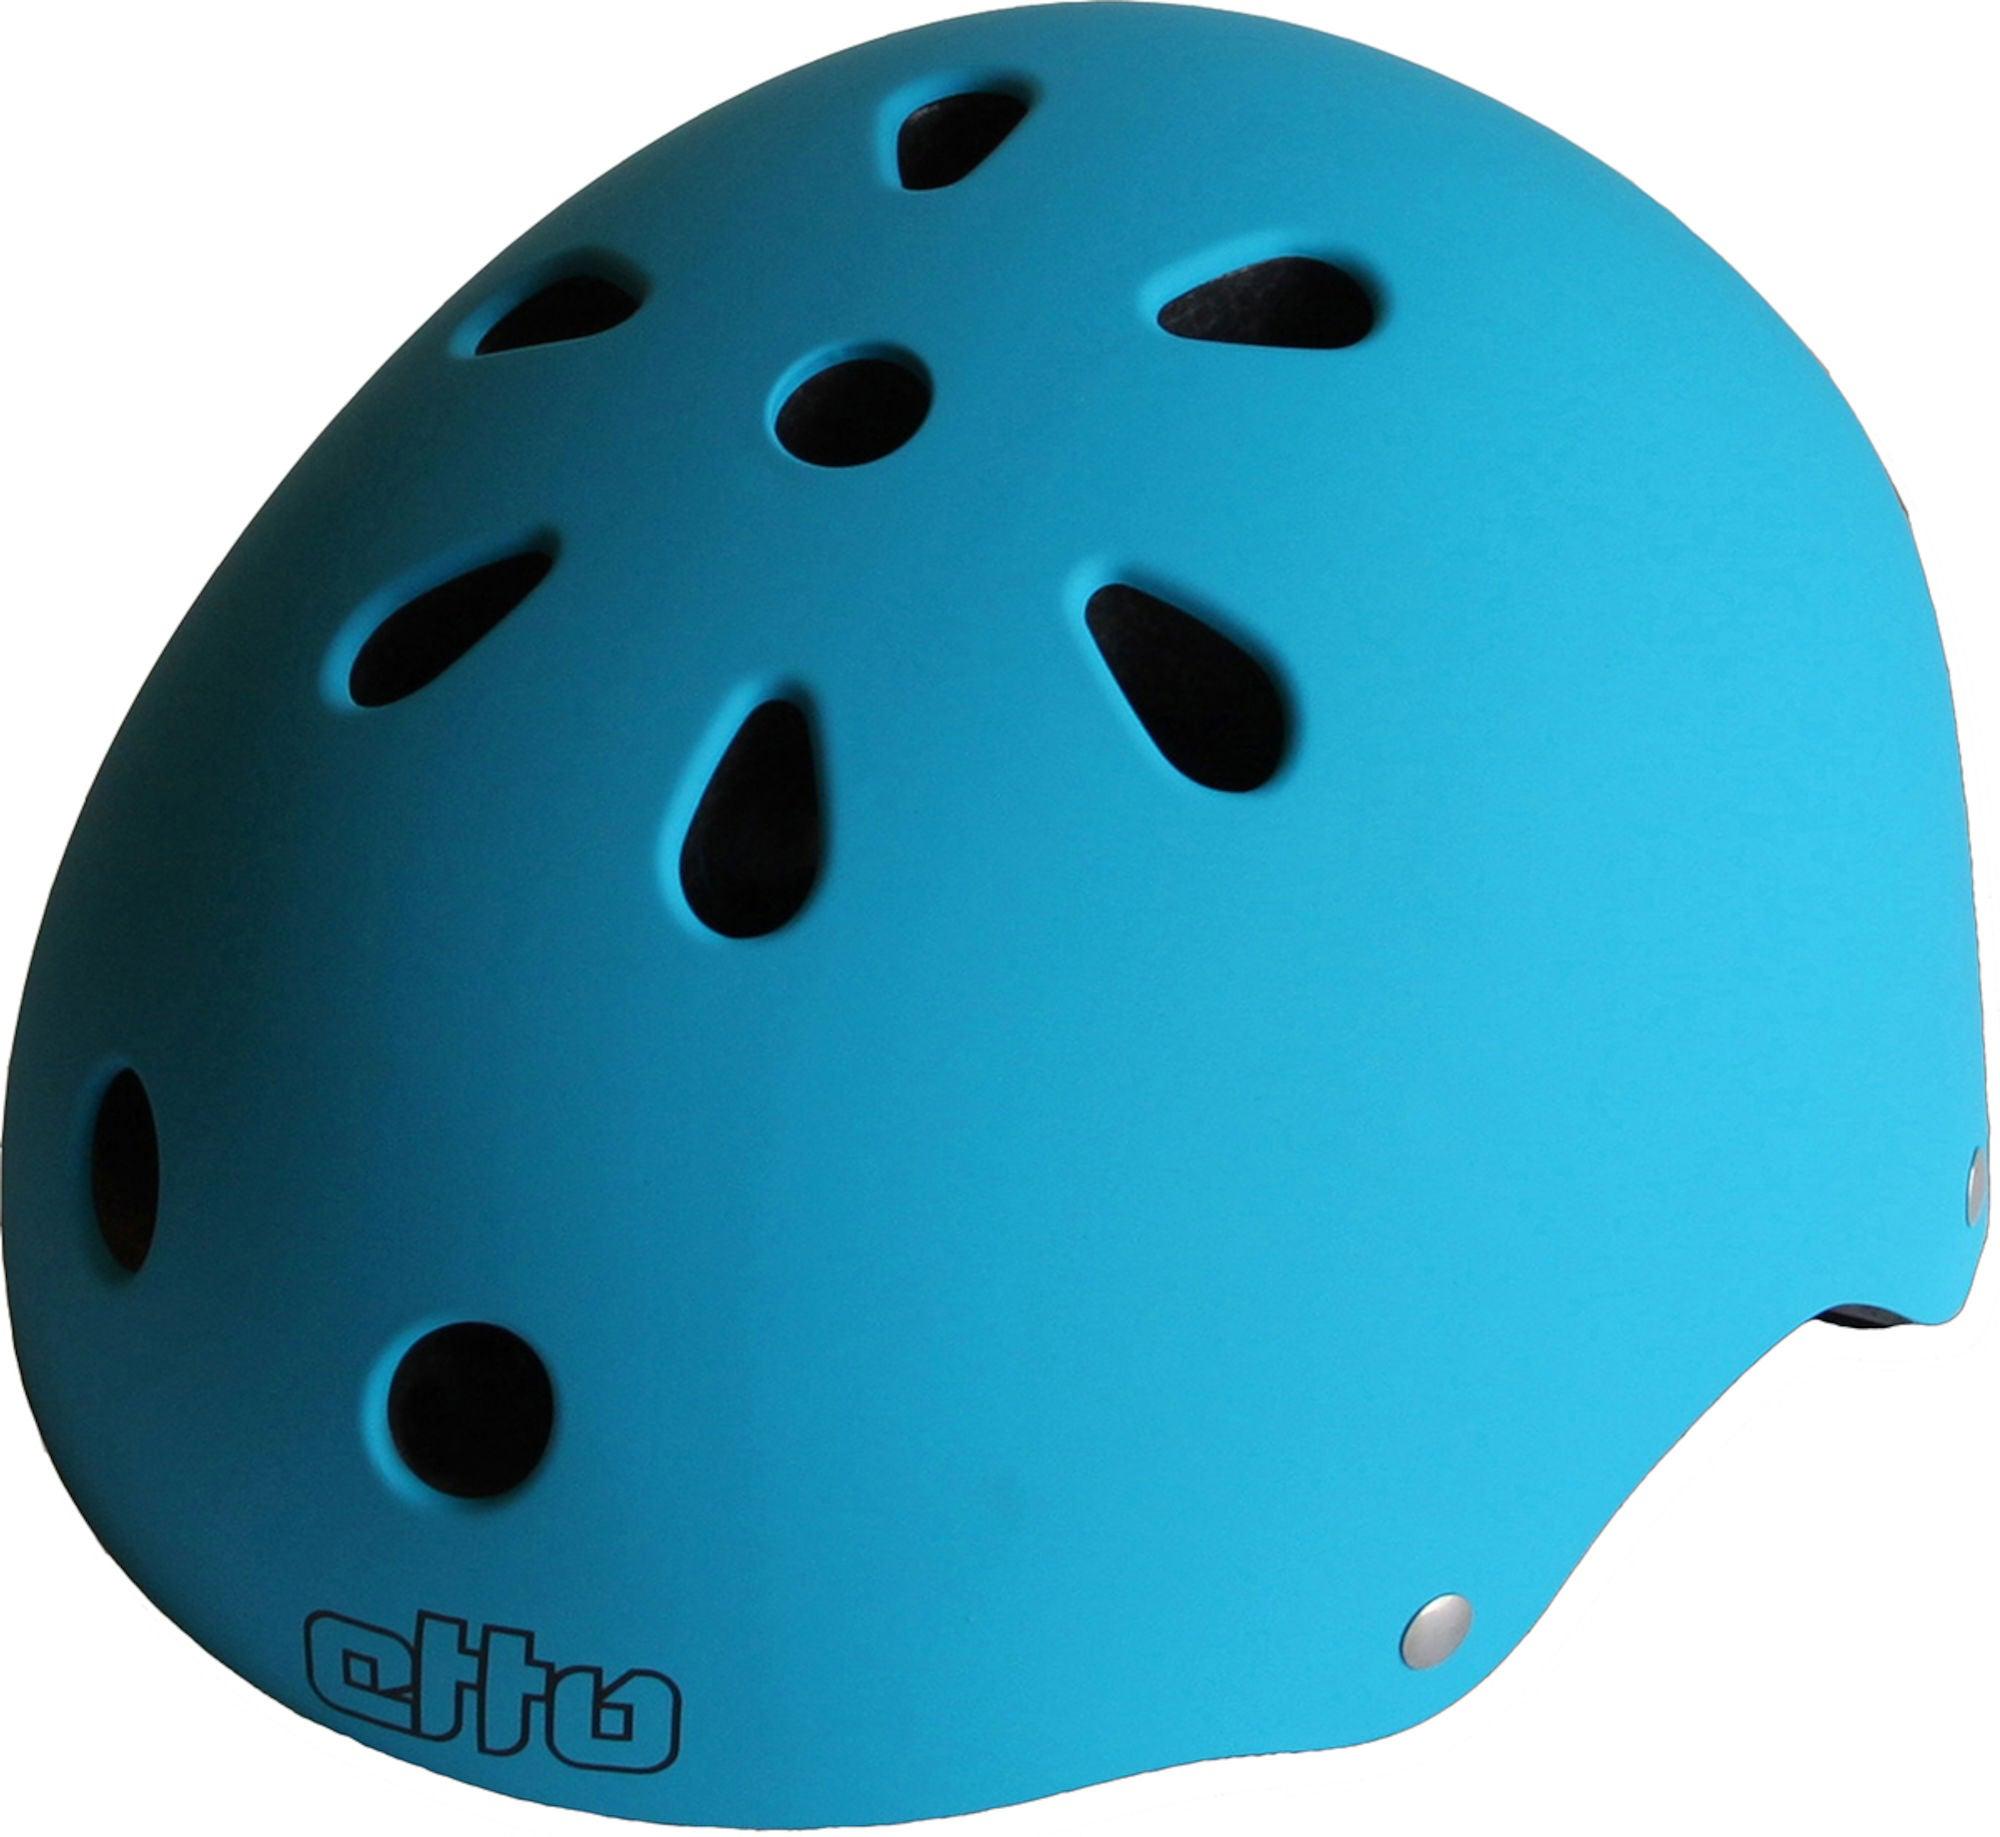 Köp Etto Psycho Cykelhjälm b3a51d1da060e